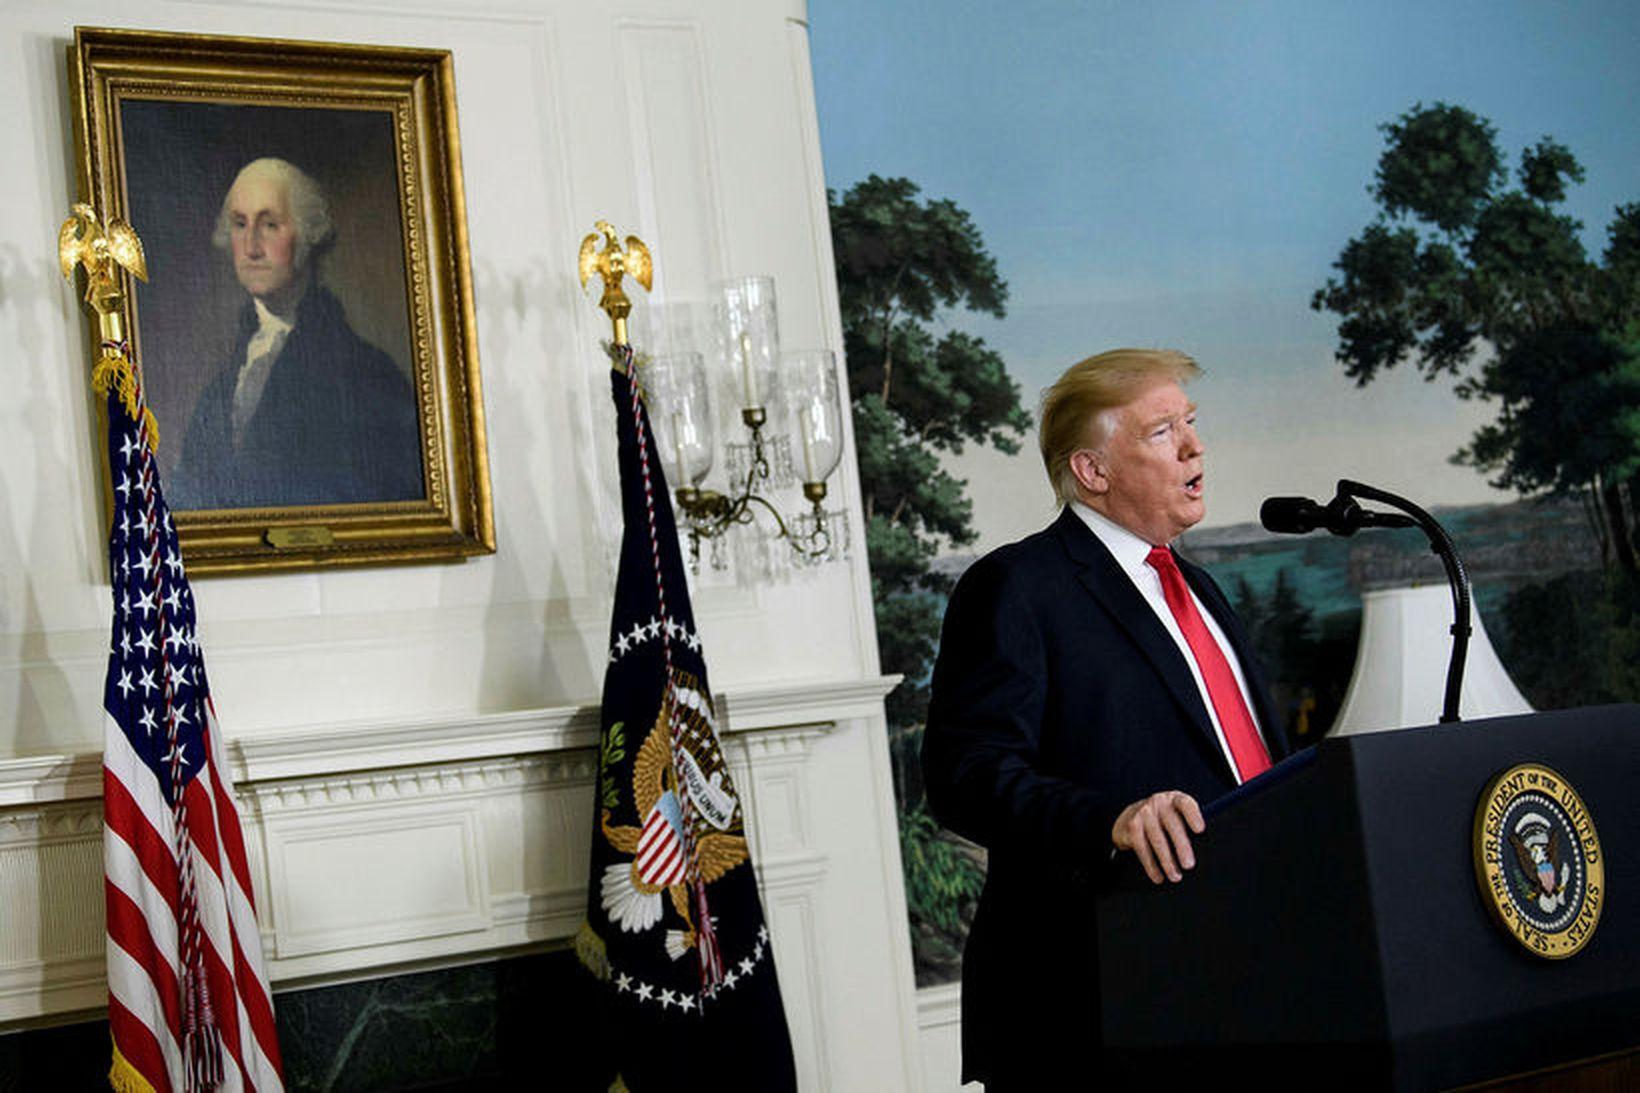 Donald Trump Bandaríkjaforseti flytur yfirlýsingu í Hvíta húsinu. Ásigkomulag byggingarinnar …